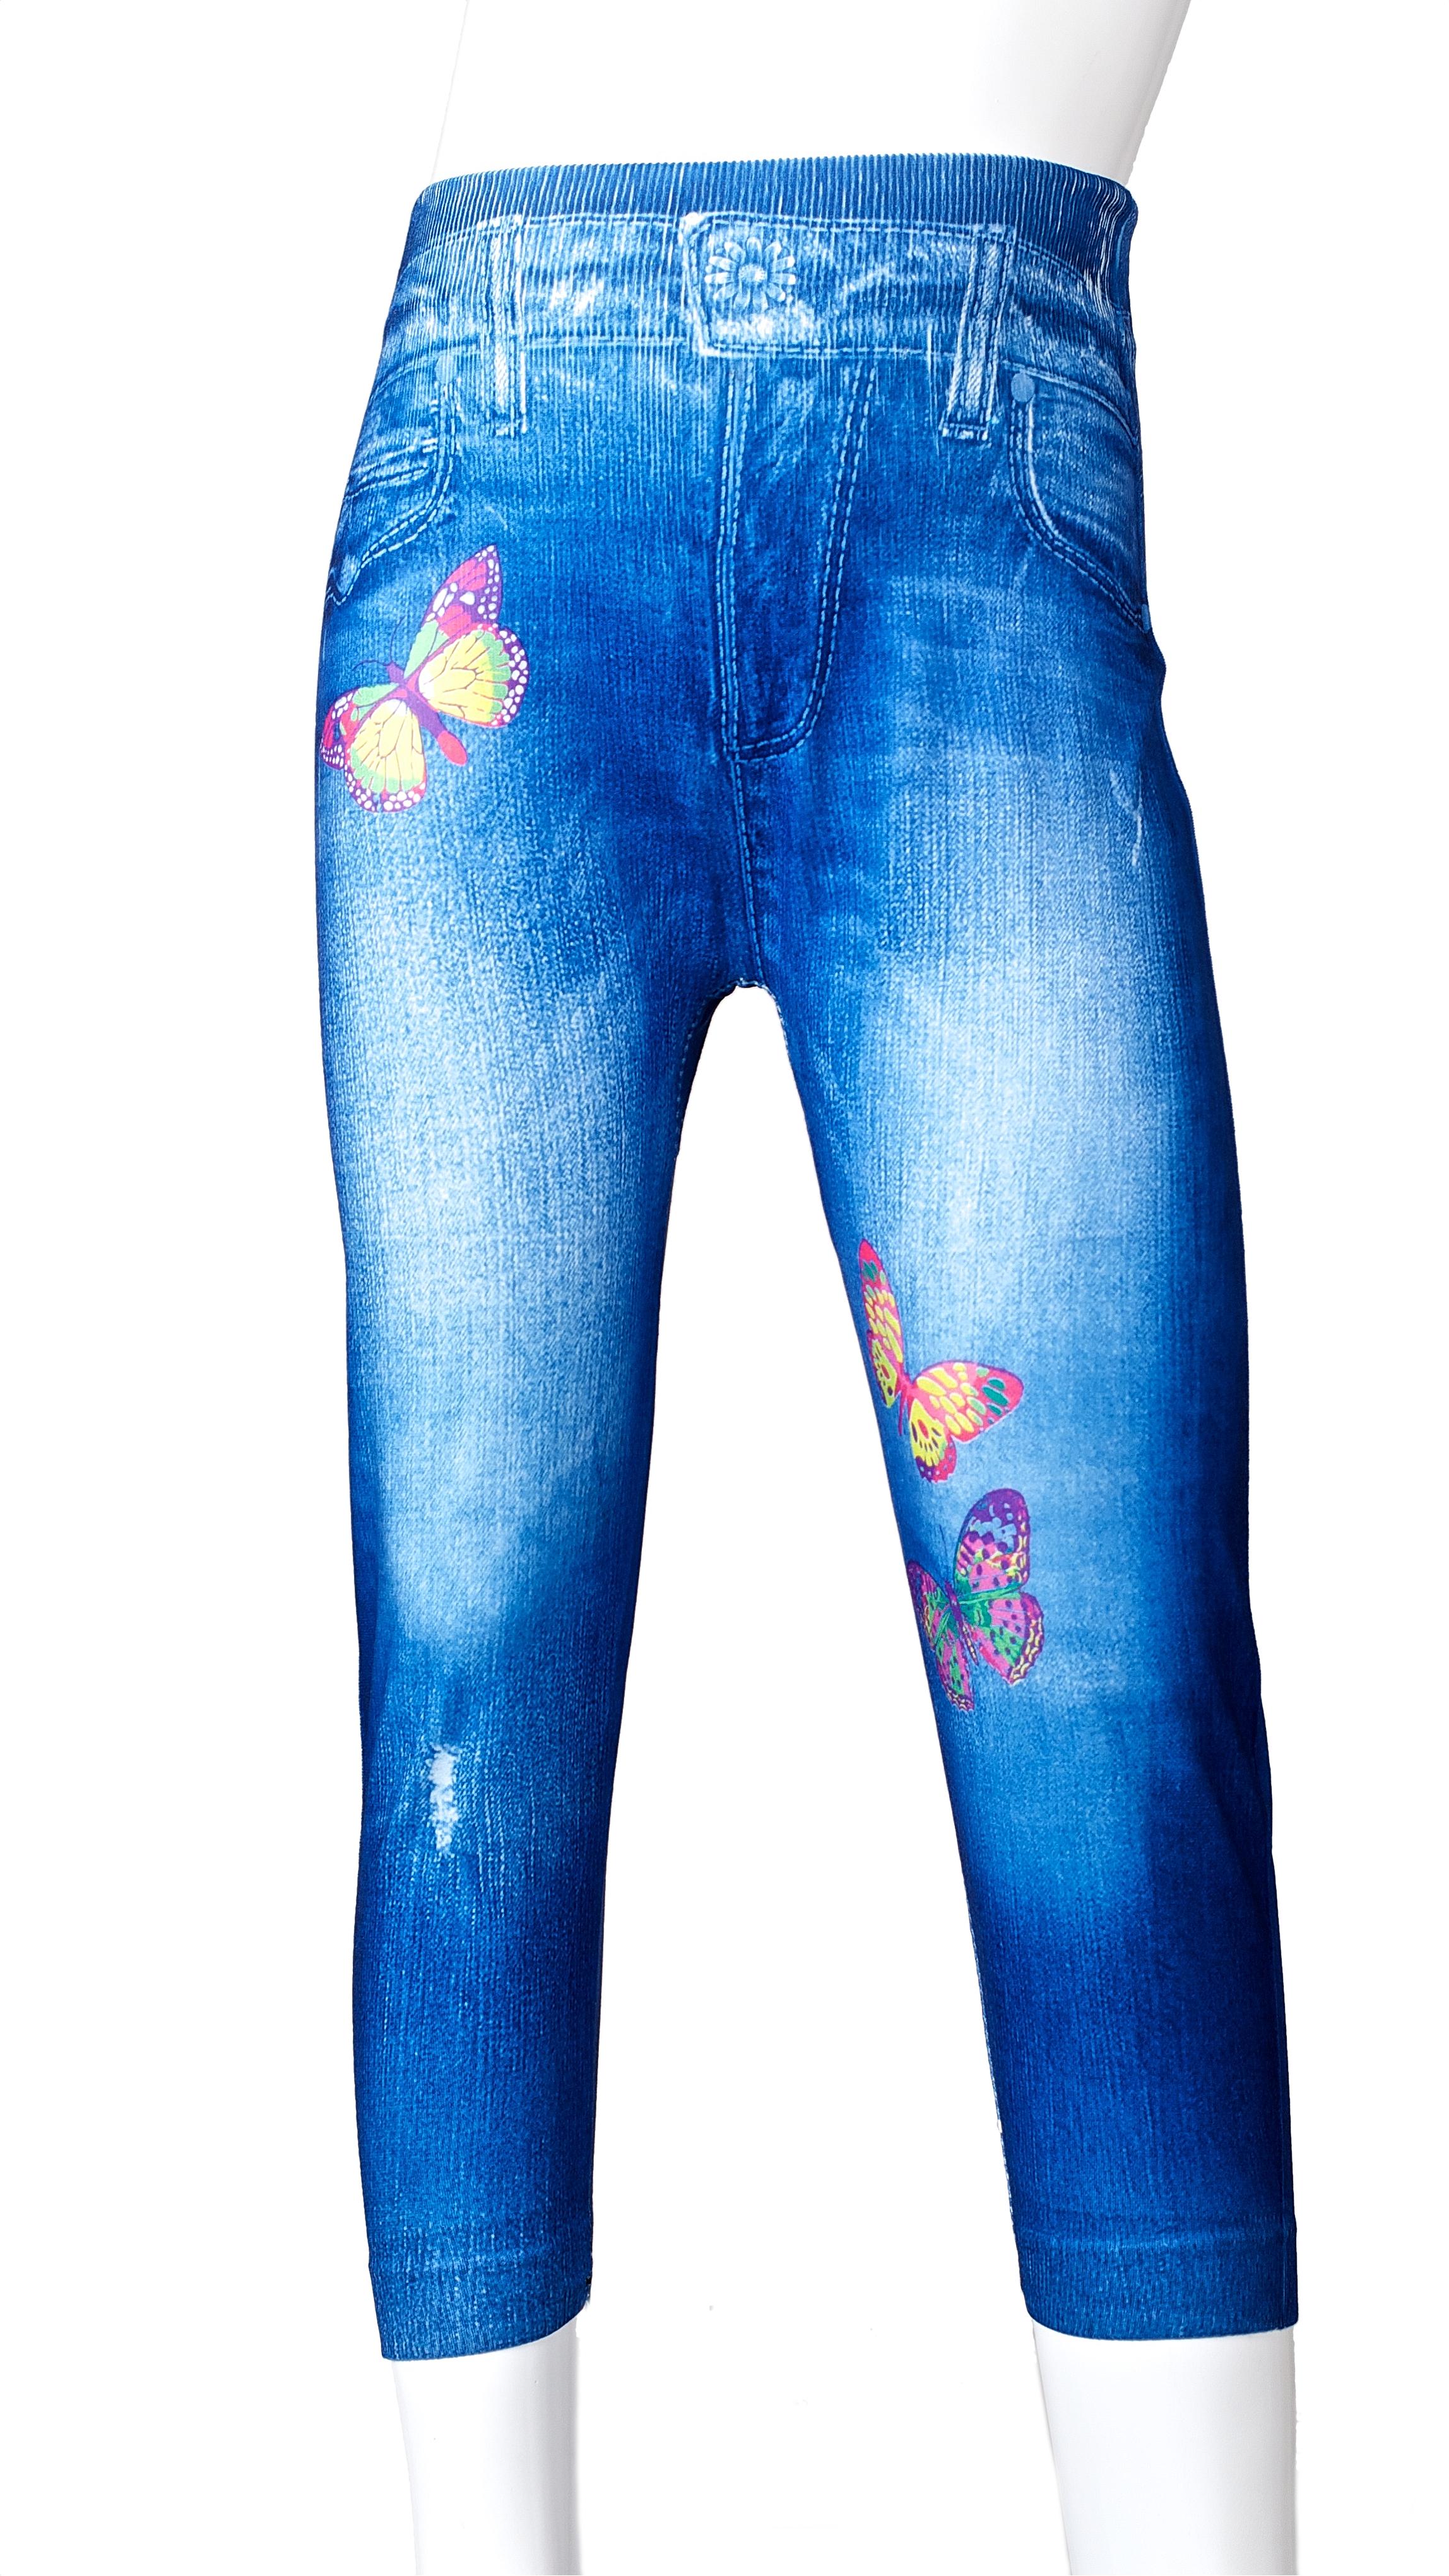 leggings jeans optik kinder m dchen hose jeggings. Black Bedroom Furniture Sets. Home Design Ideas